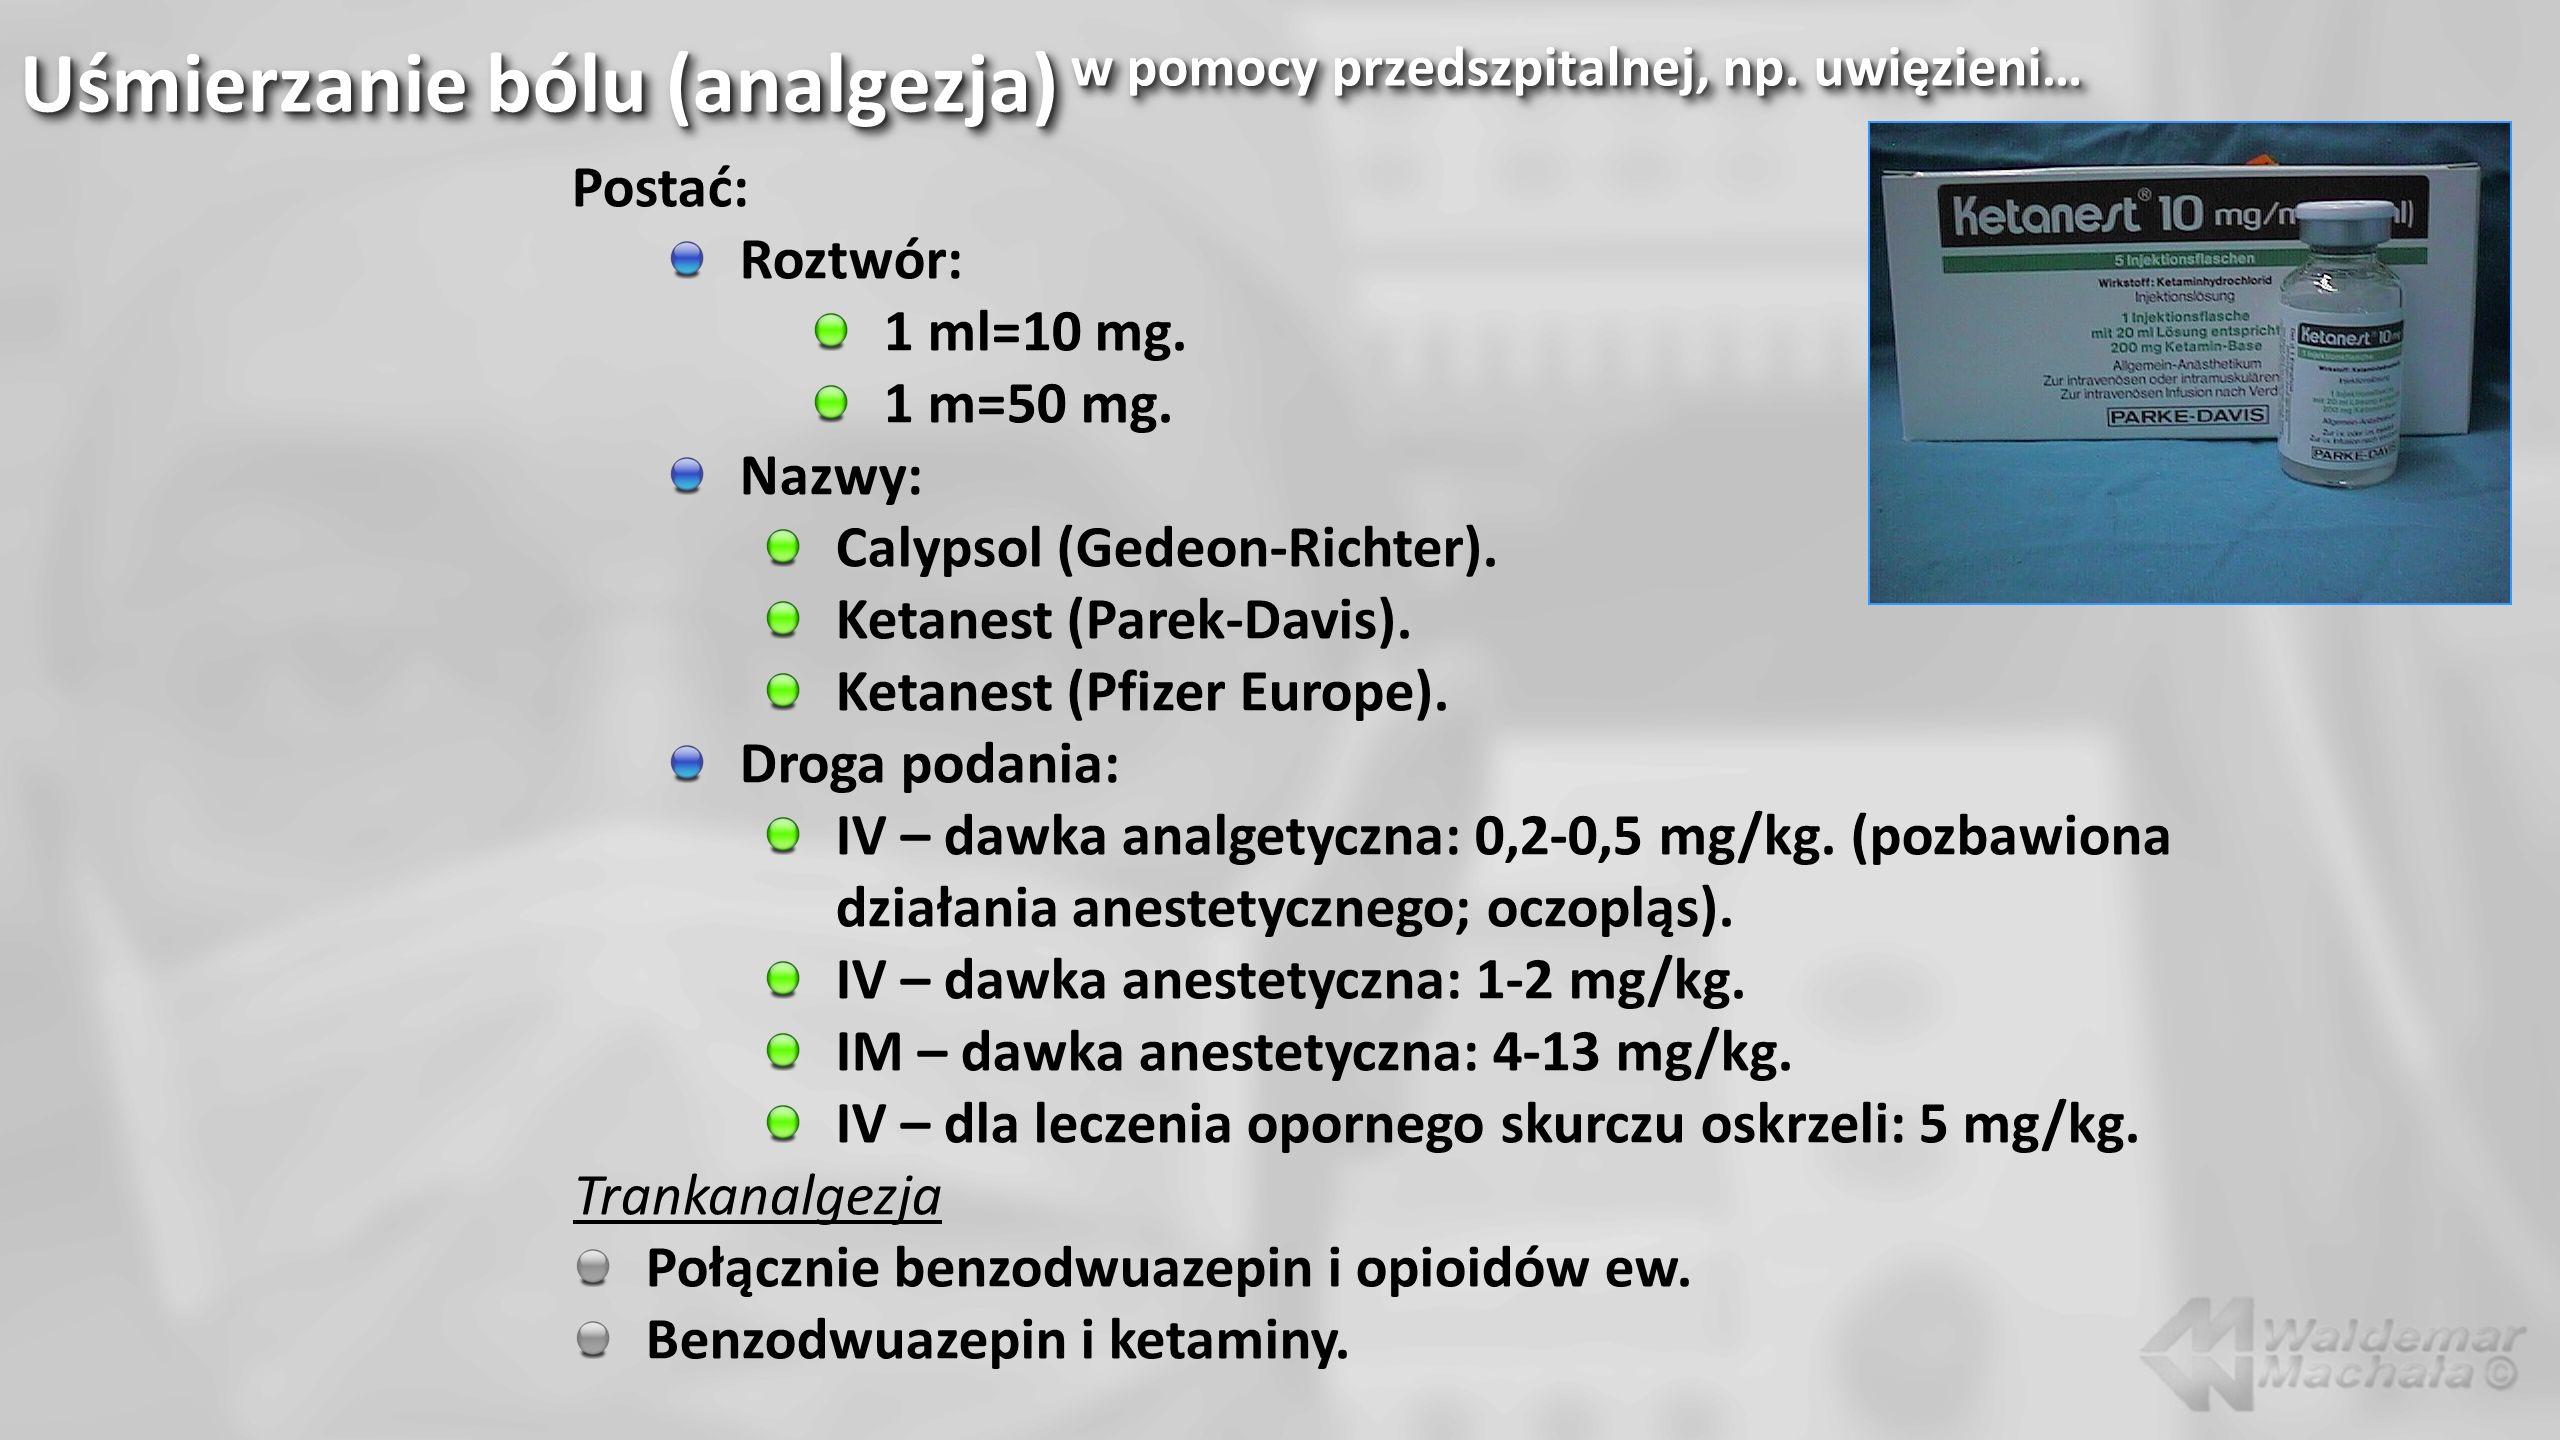 Uśmierzanie bólu (analgezja) w pomocy przedszpitalnej, np. uwięzieni… Postać: Roztwór: 1 ml=10 mg. 1 m=50 mg. Nazwy: Calypsol (Gedeon-Richter). Ketane